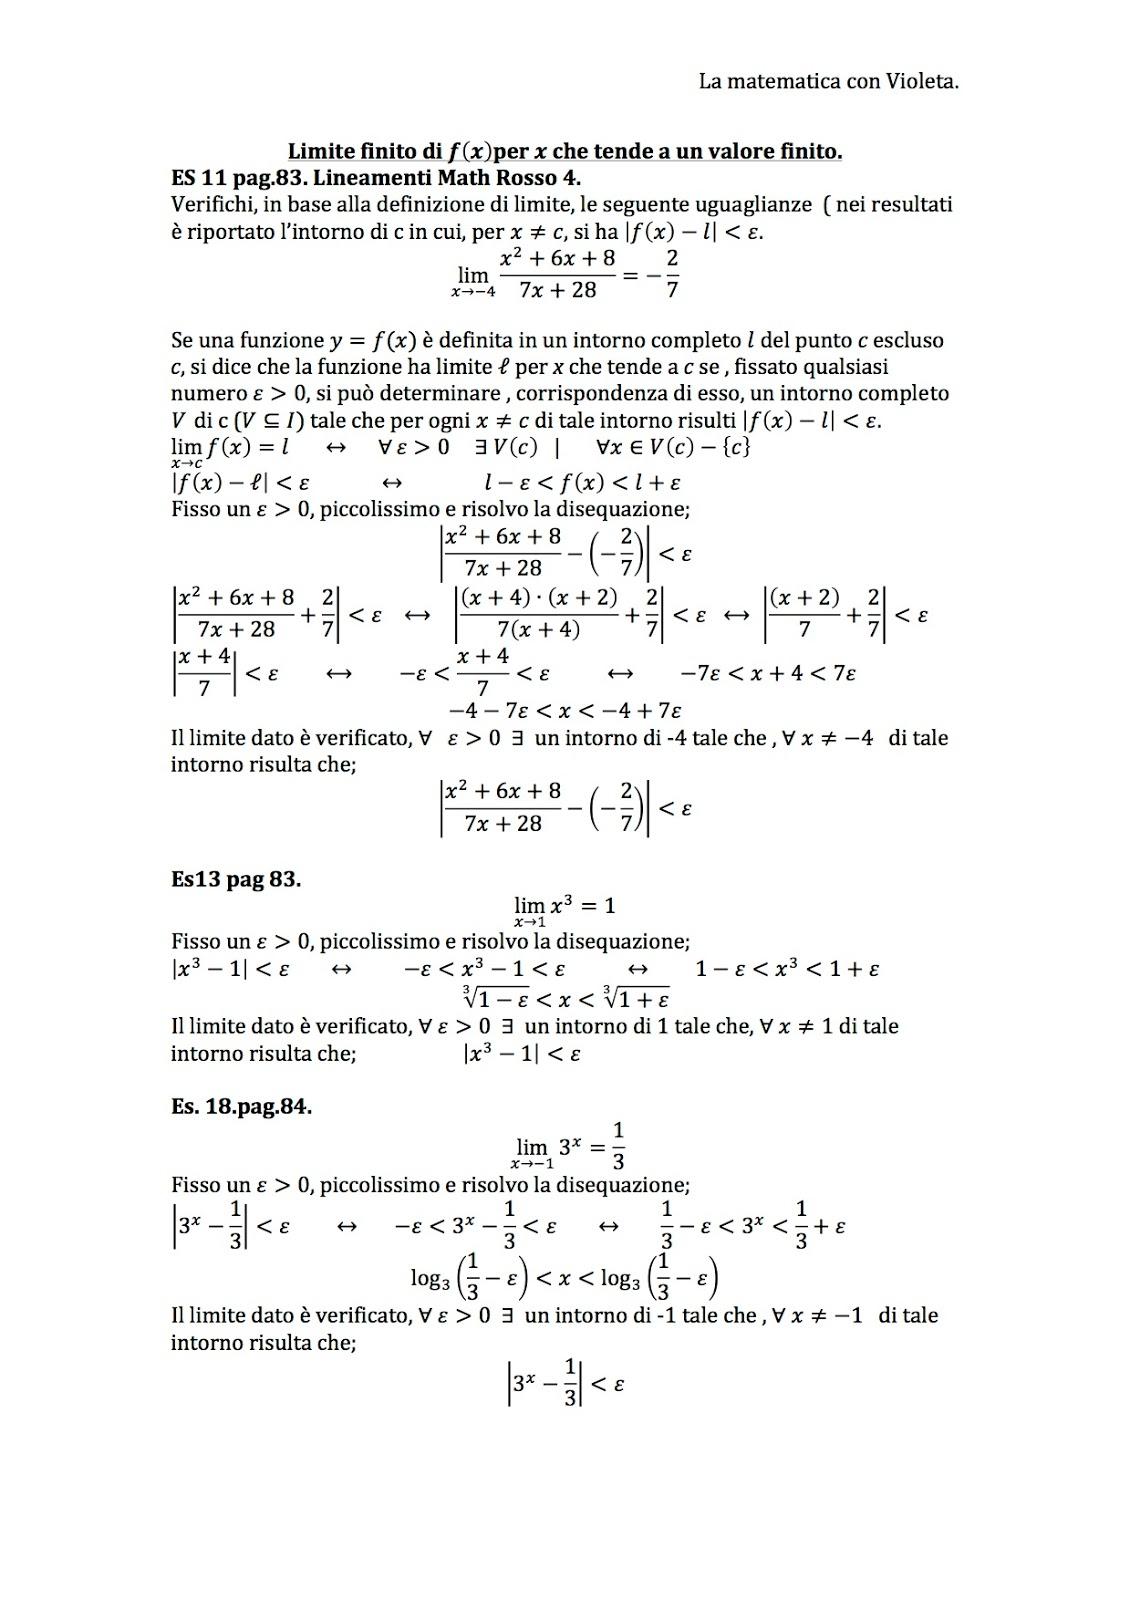 Limite Finito Per X Che Tende A Un Valore Finito.La Matematica Con Violeta Limite Finito Di F X Per X Che